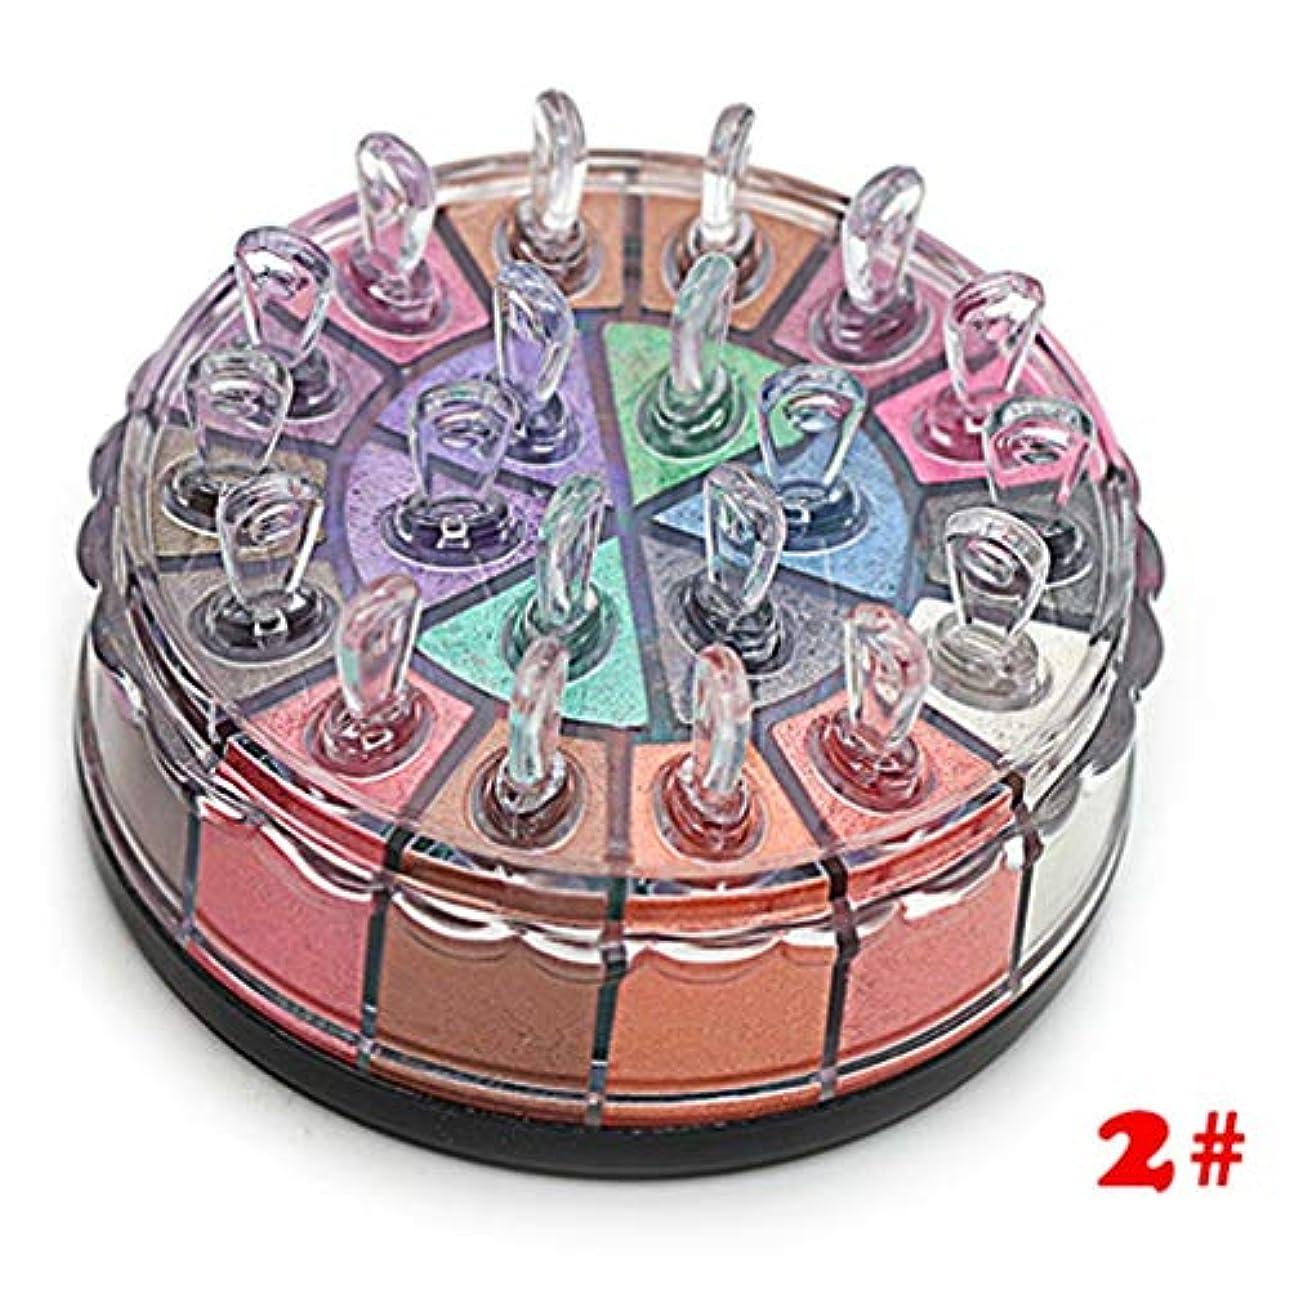 ウェーハマッサージメッセンジャープロフェッショナルカラフルな防水マットアイ化粧品メイクアップアイシャドウパレットをハイライト蛍光ペンパレットのアイシャドウメイクアップ